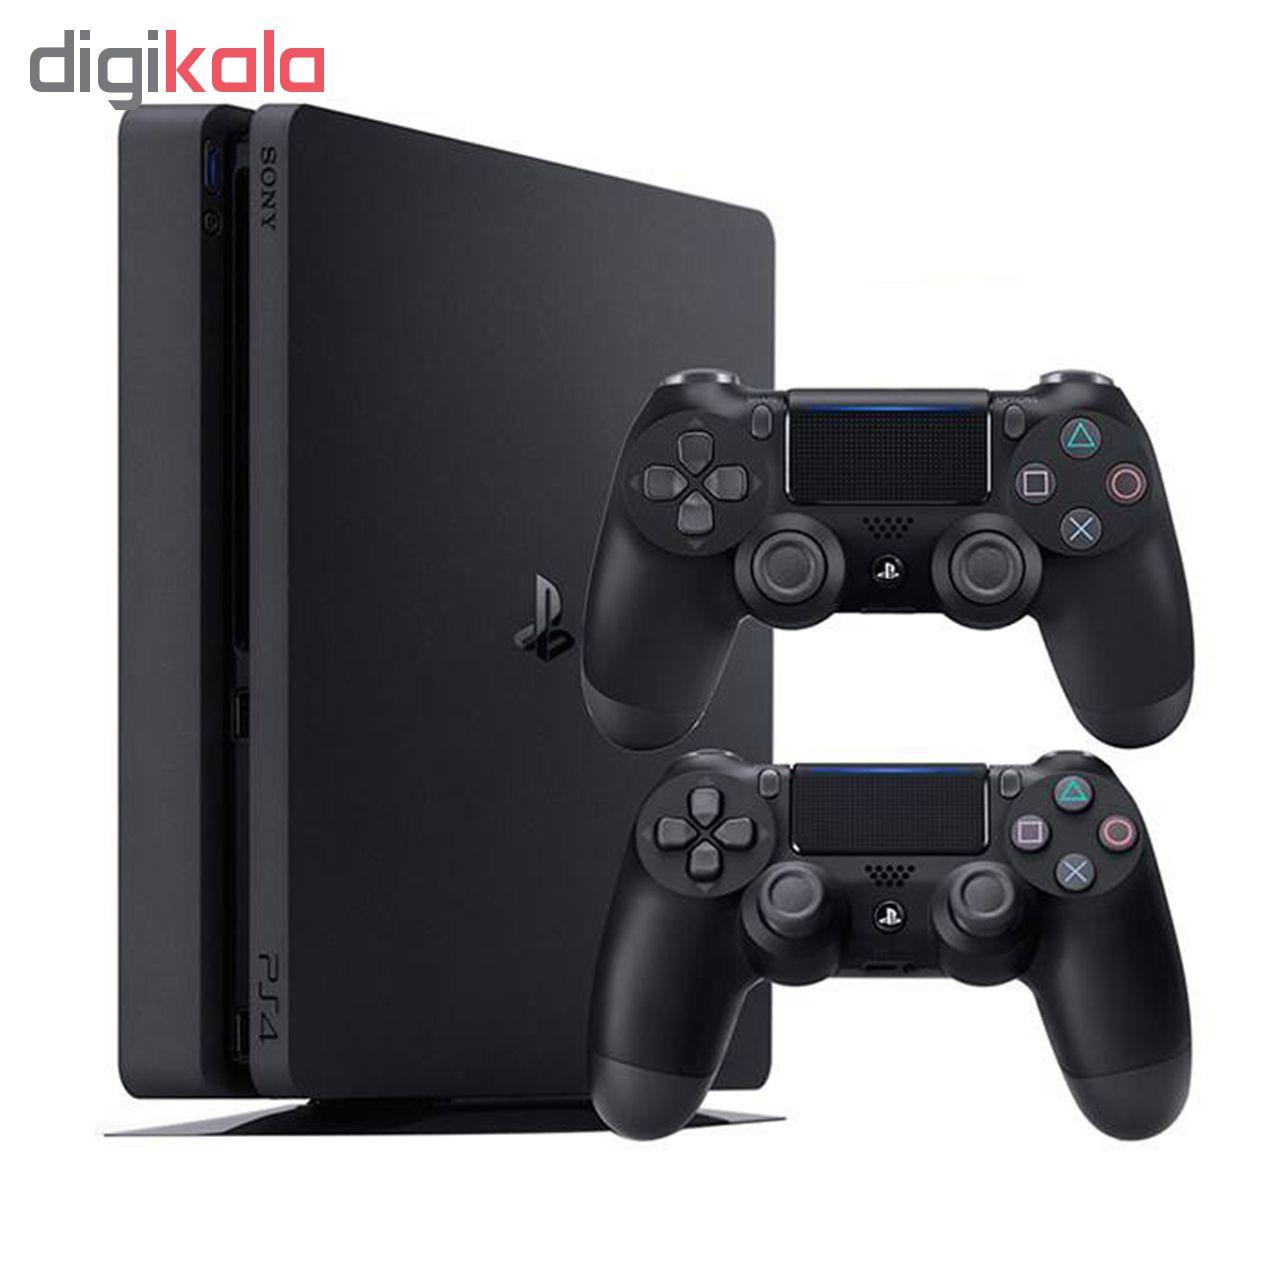 کنسول بازی سونی مدل Playstation 4 Slim کد Region 2 CUH-2216A - ظرفیت 500 گیگابایت